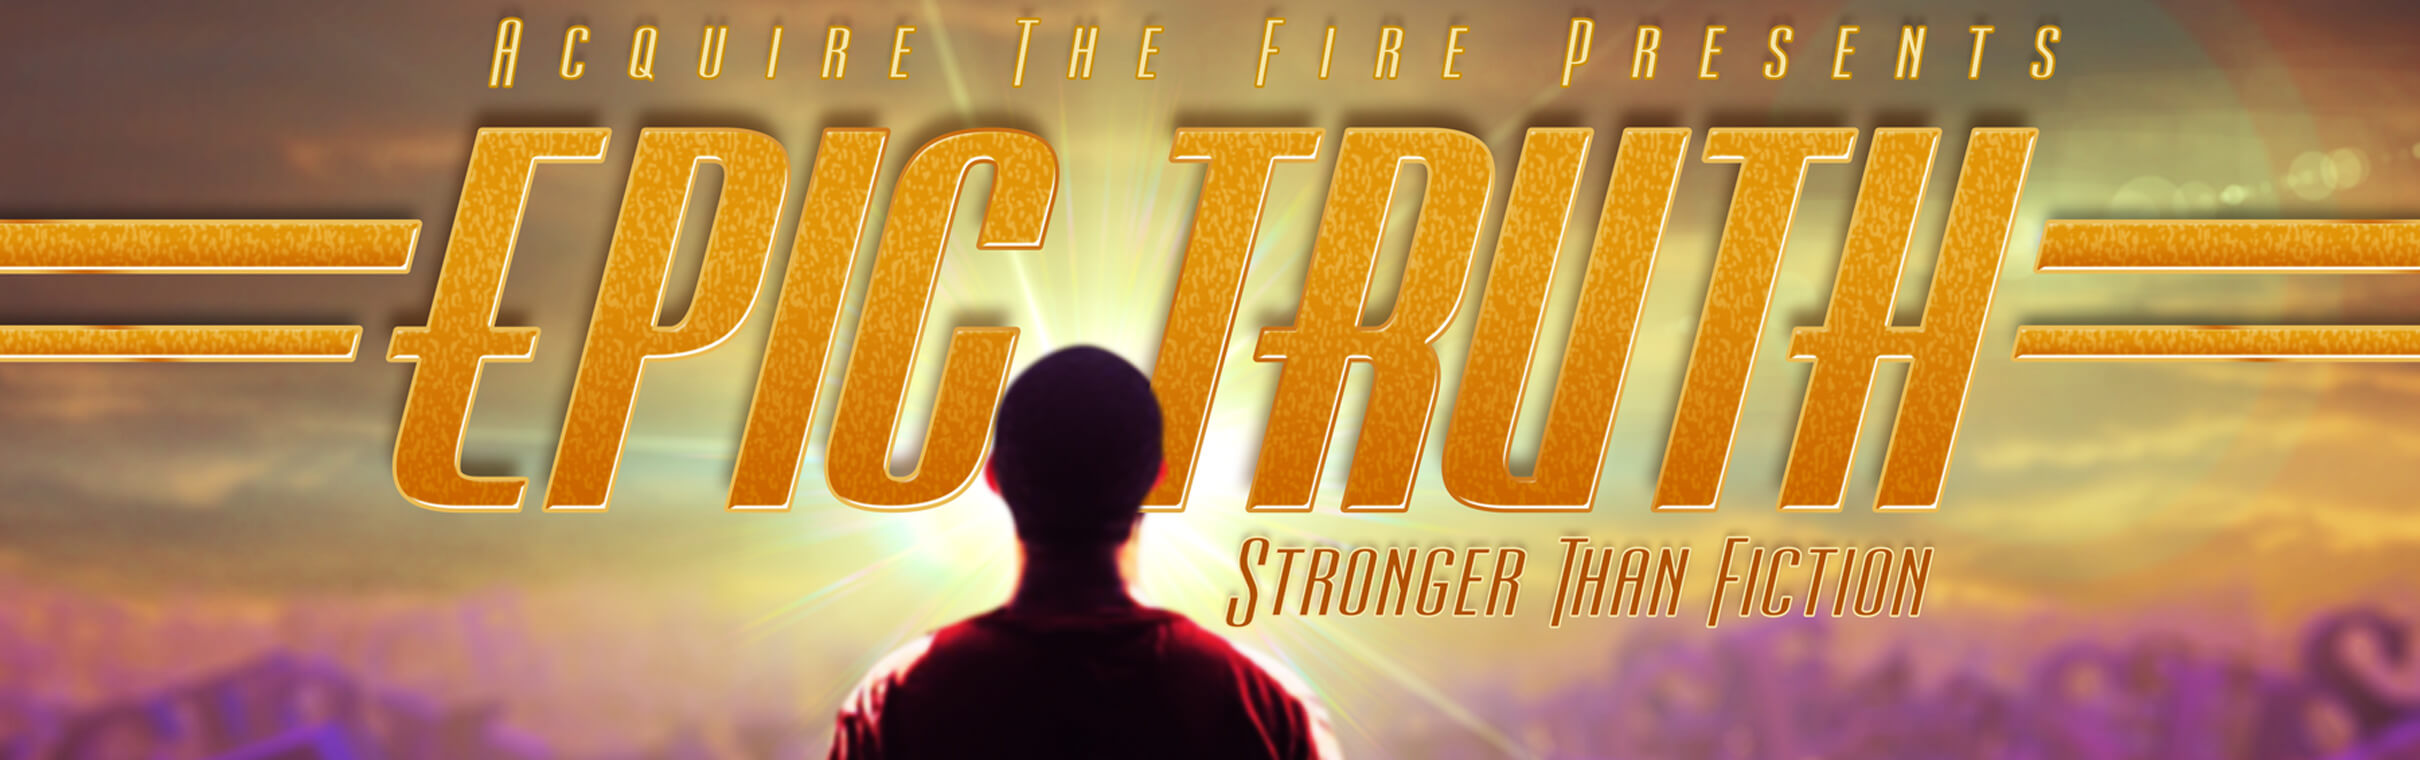 Acquire The Fire